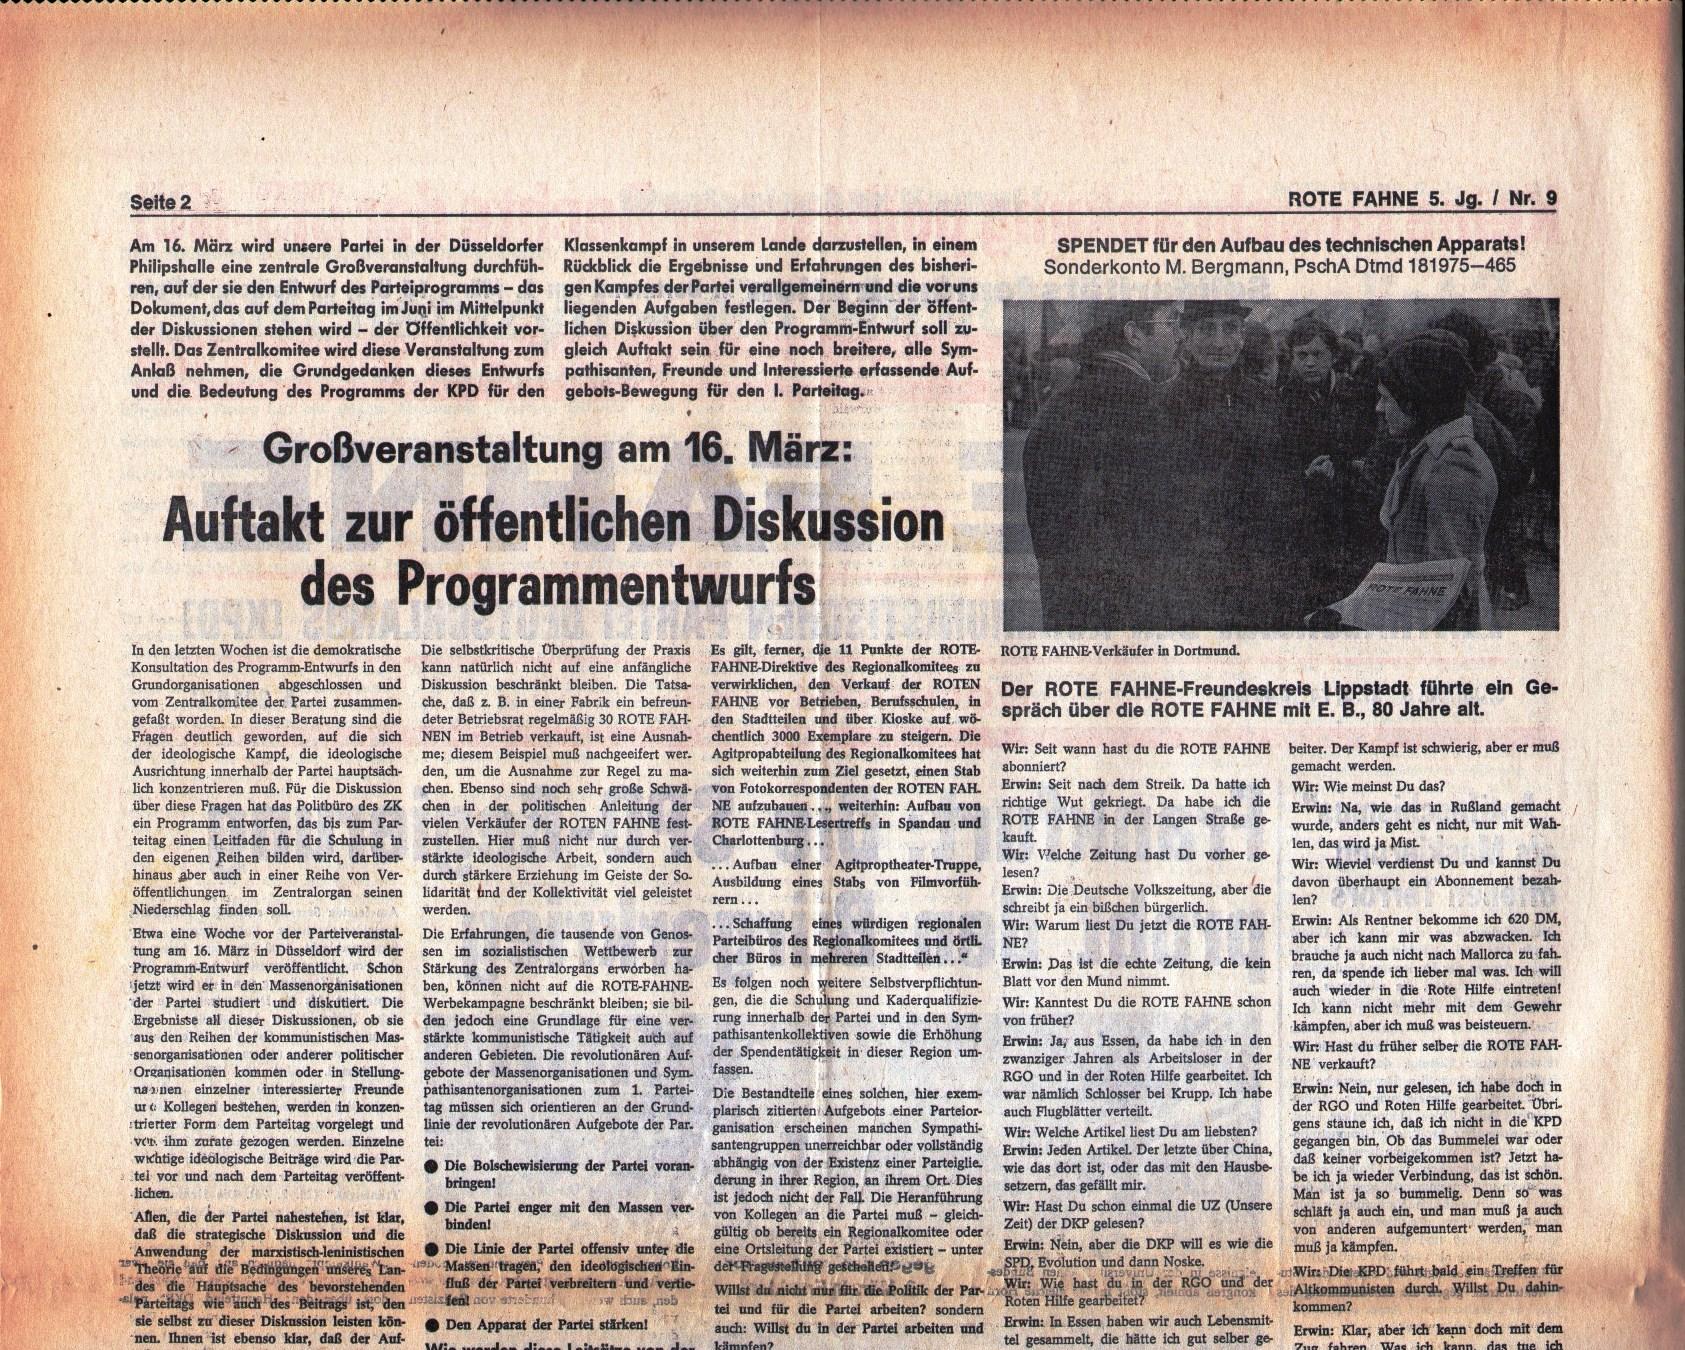 KPD_Rote_Fahne_1974_09_03